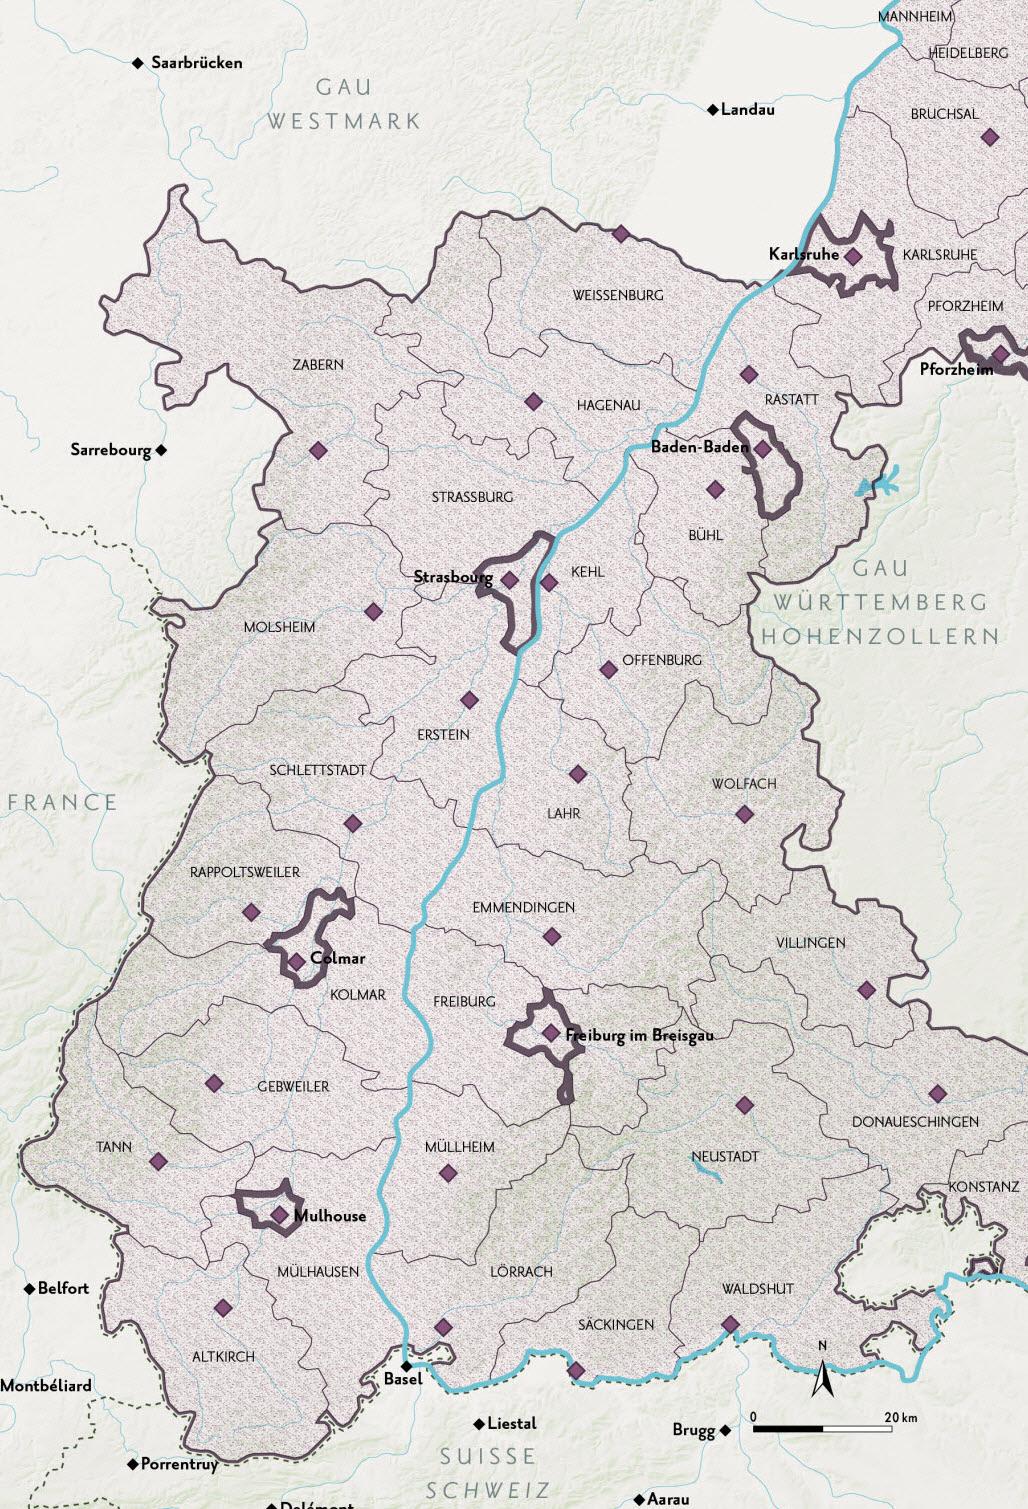 Mulhouse | Atlas Historique Du Rhin Supérieur : 57 Cartes concernant Département 57 Carte